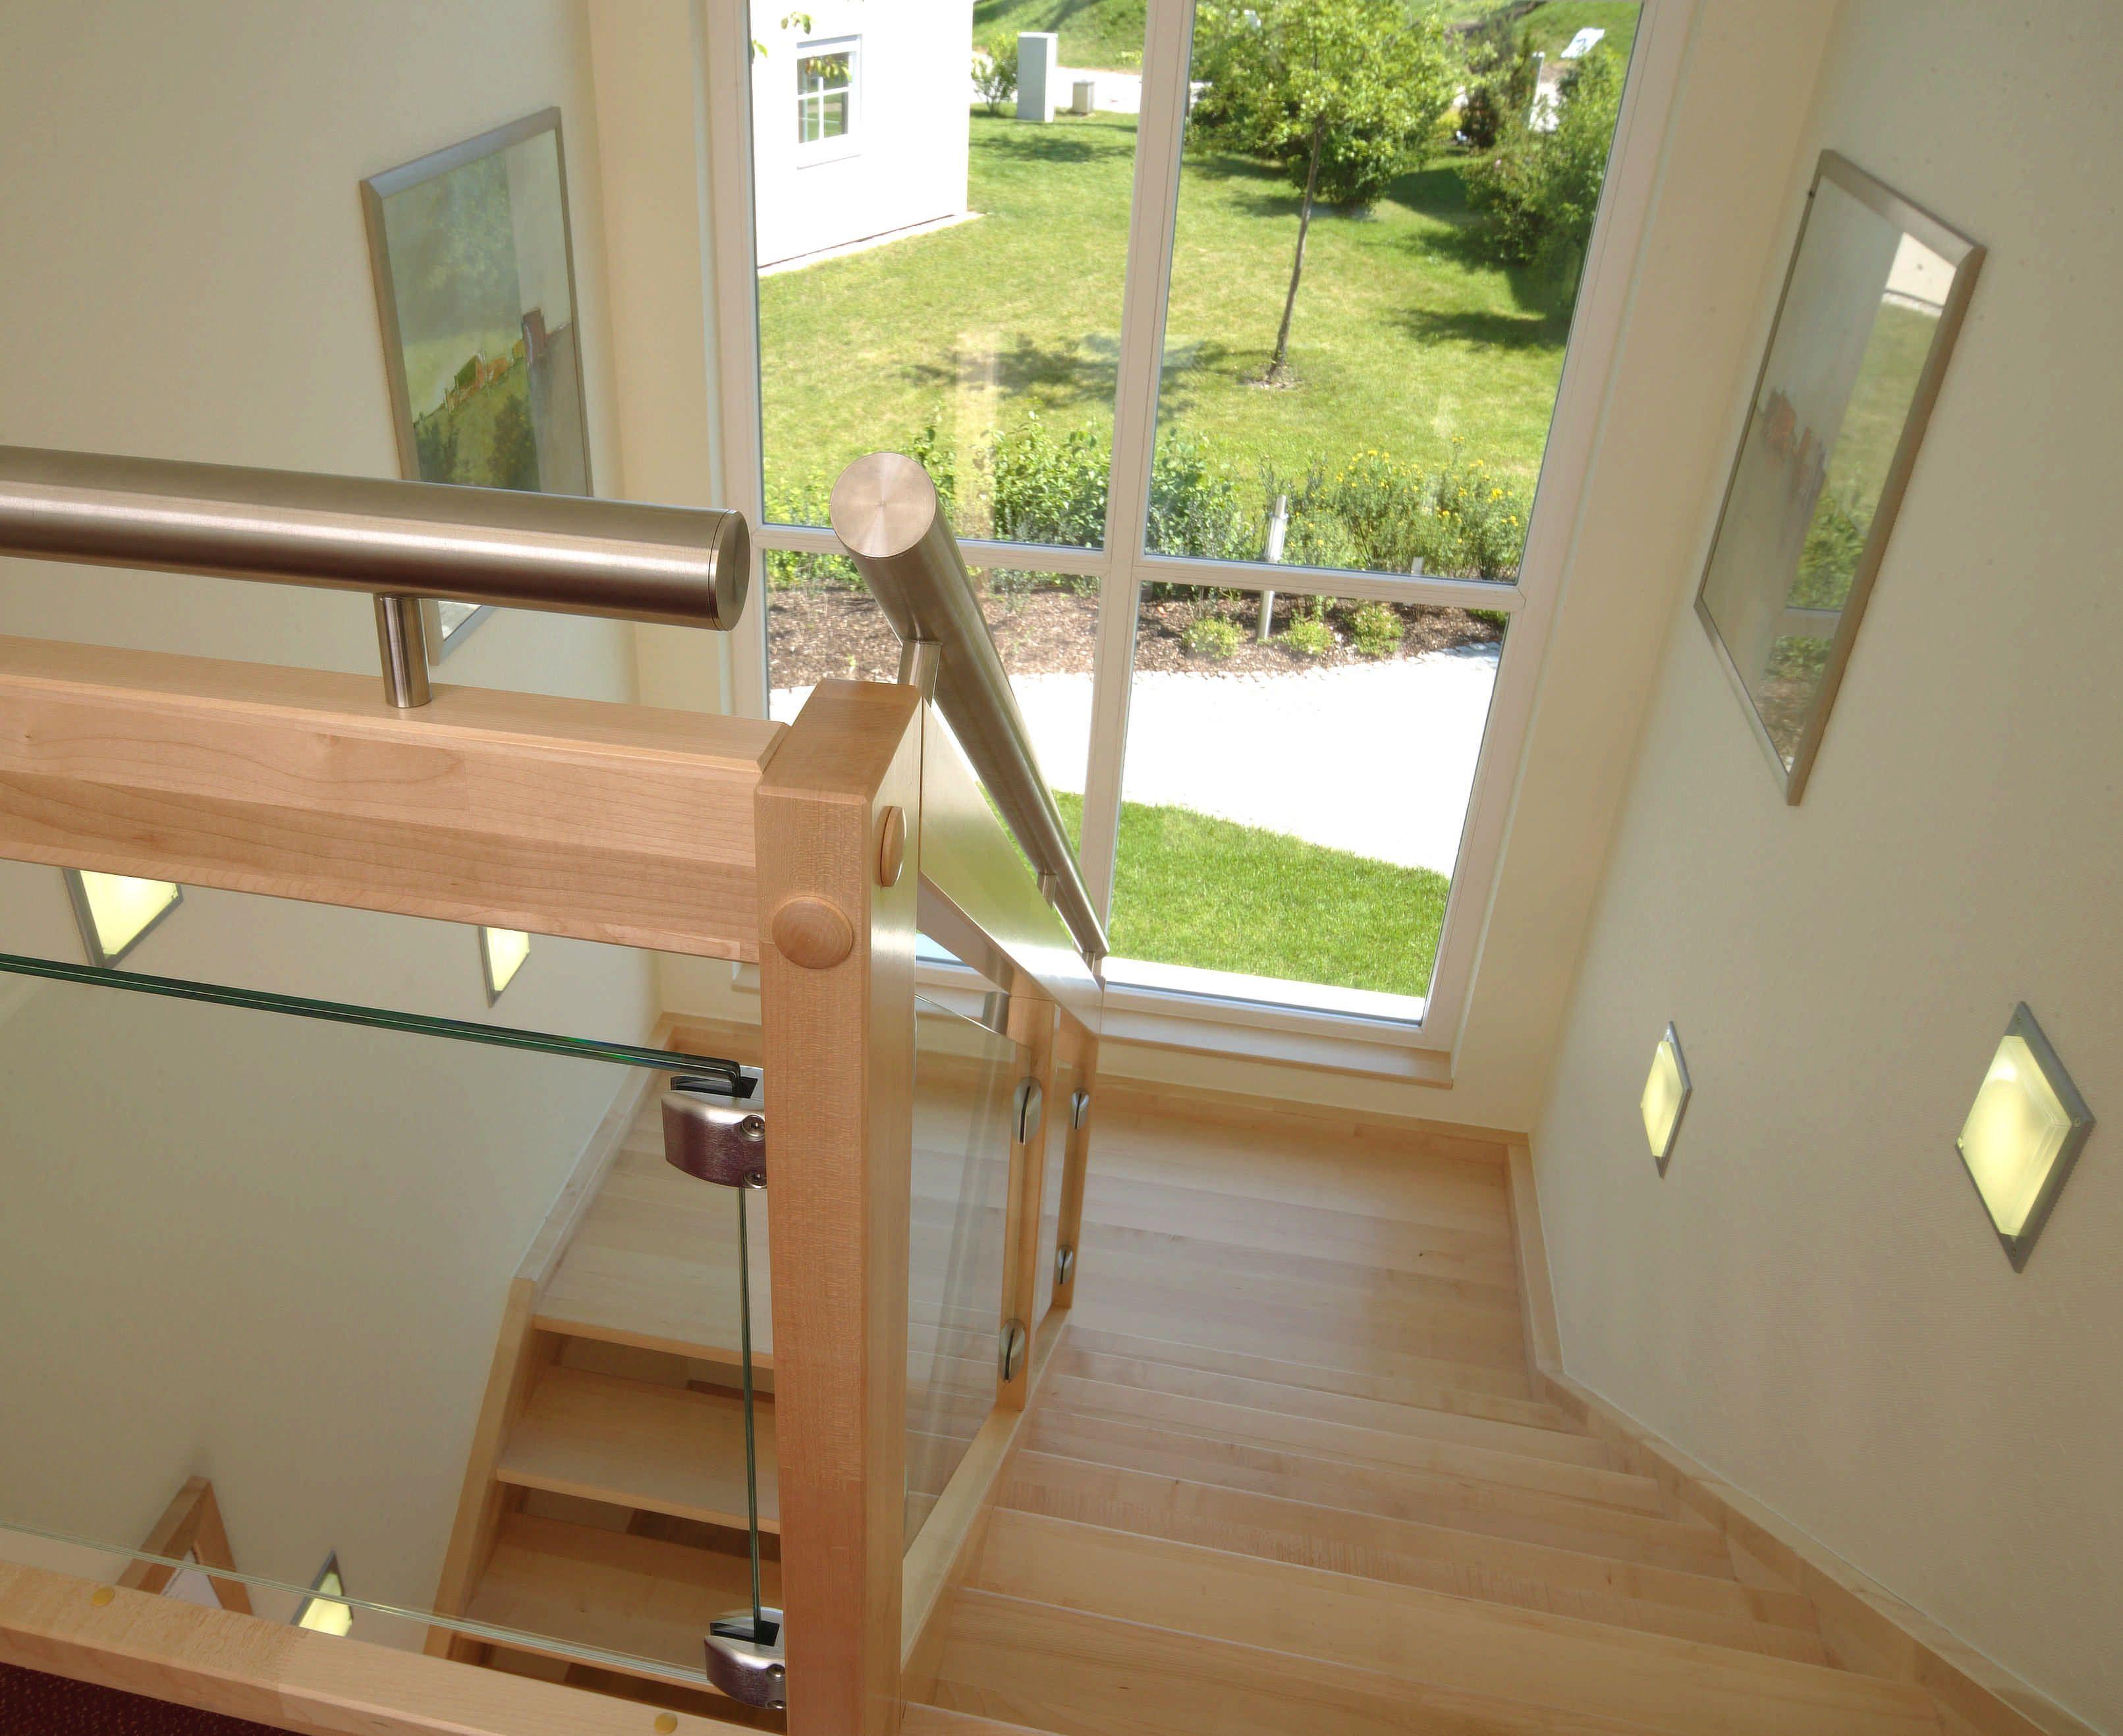 Erstaunlich Beton Fertighaus Beste Wahl Poing Bei München | Treppe | Stairs